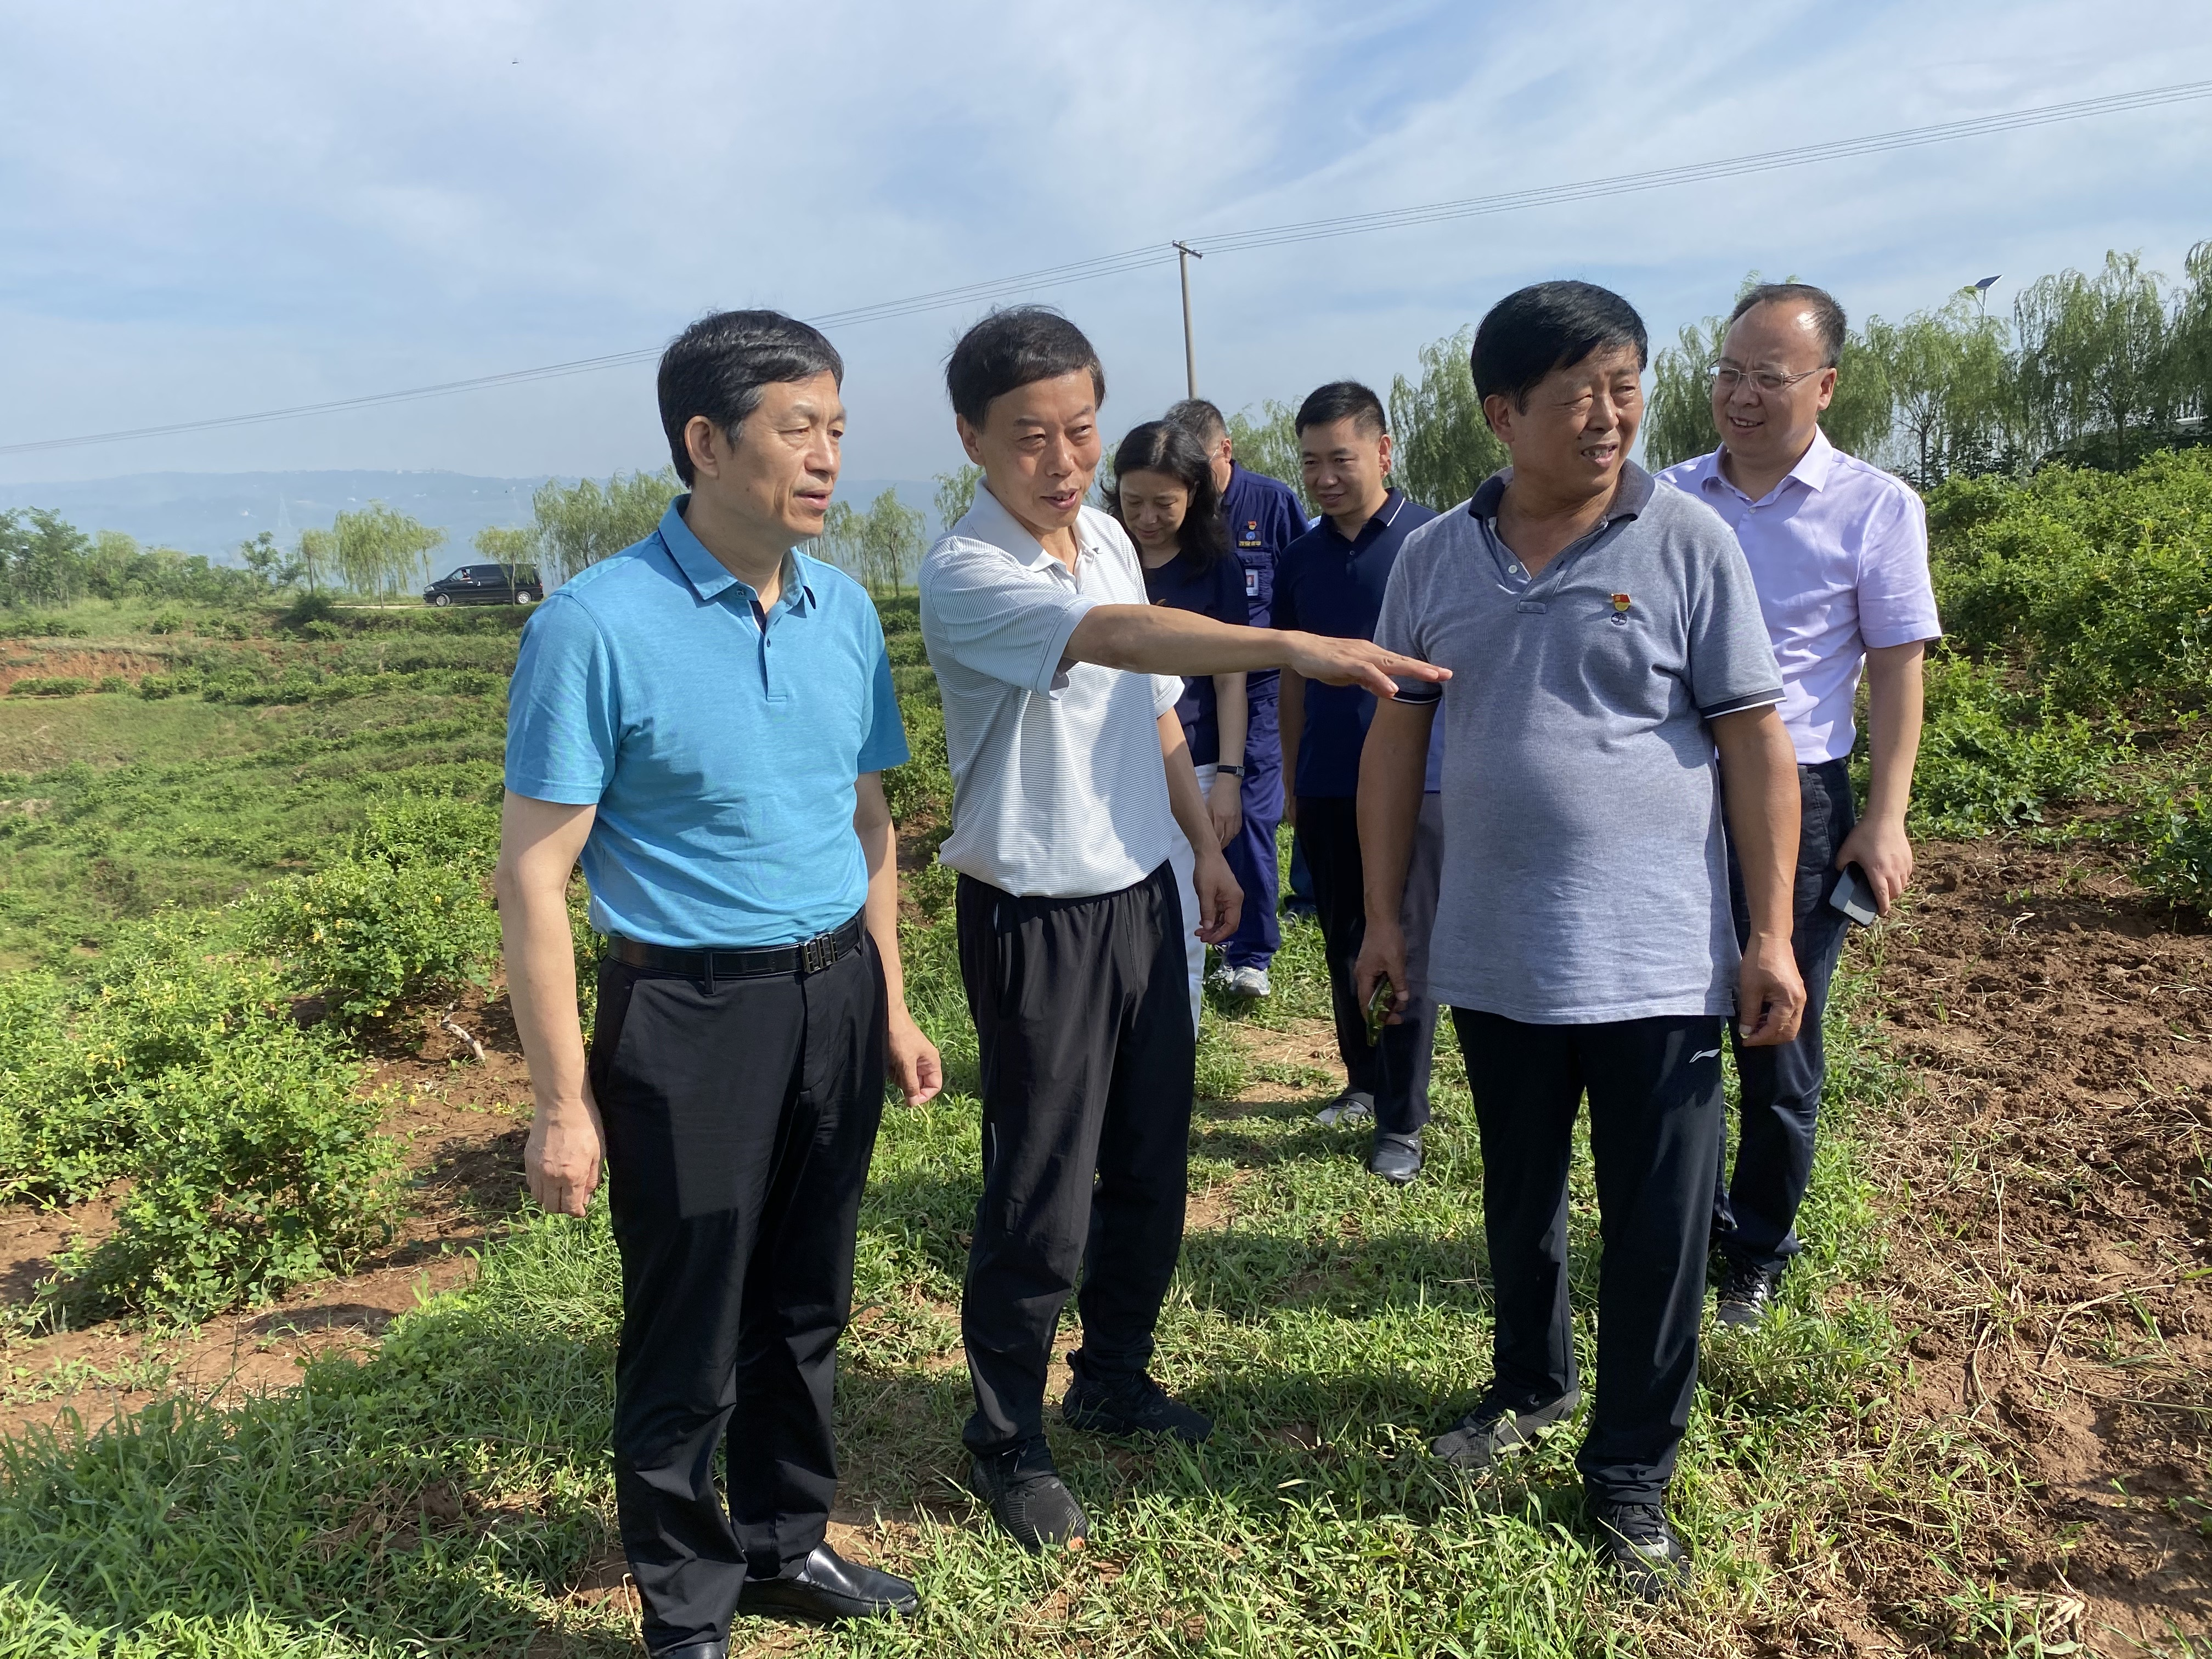 西安市国资委到城投集团帮扶村督导产业扶贫工作